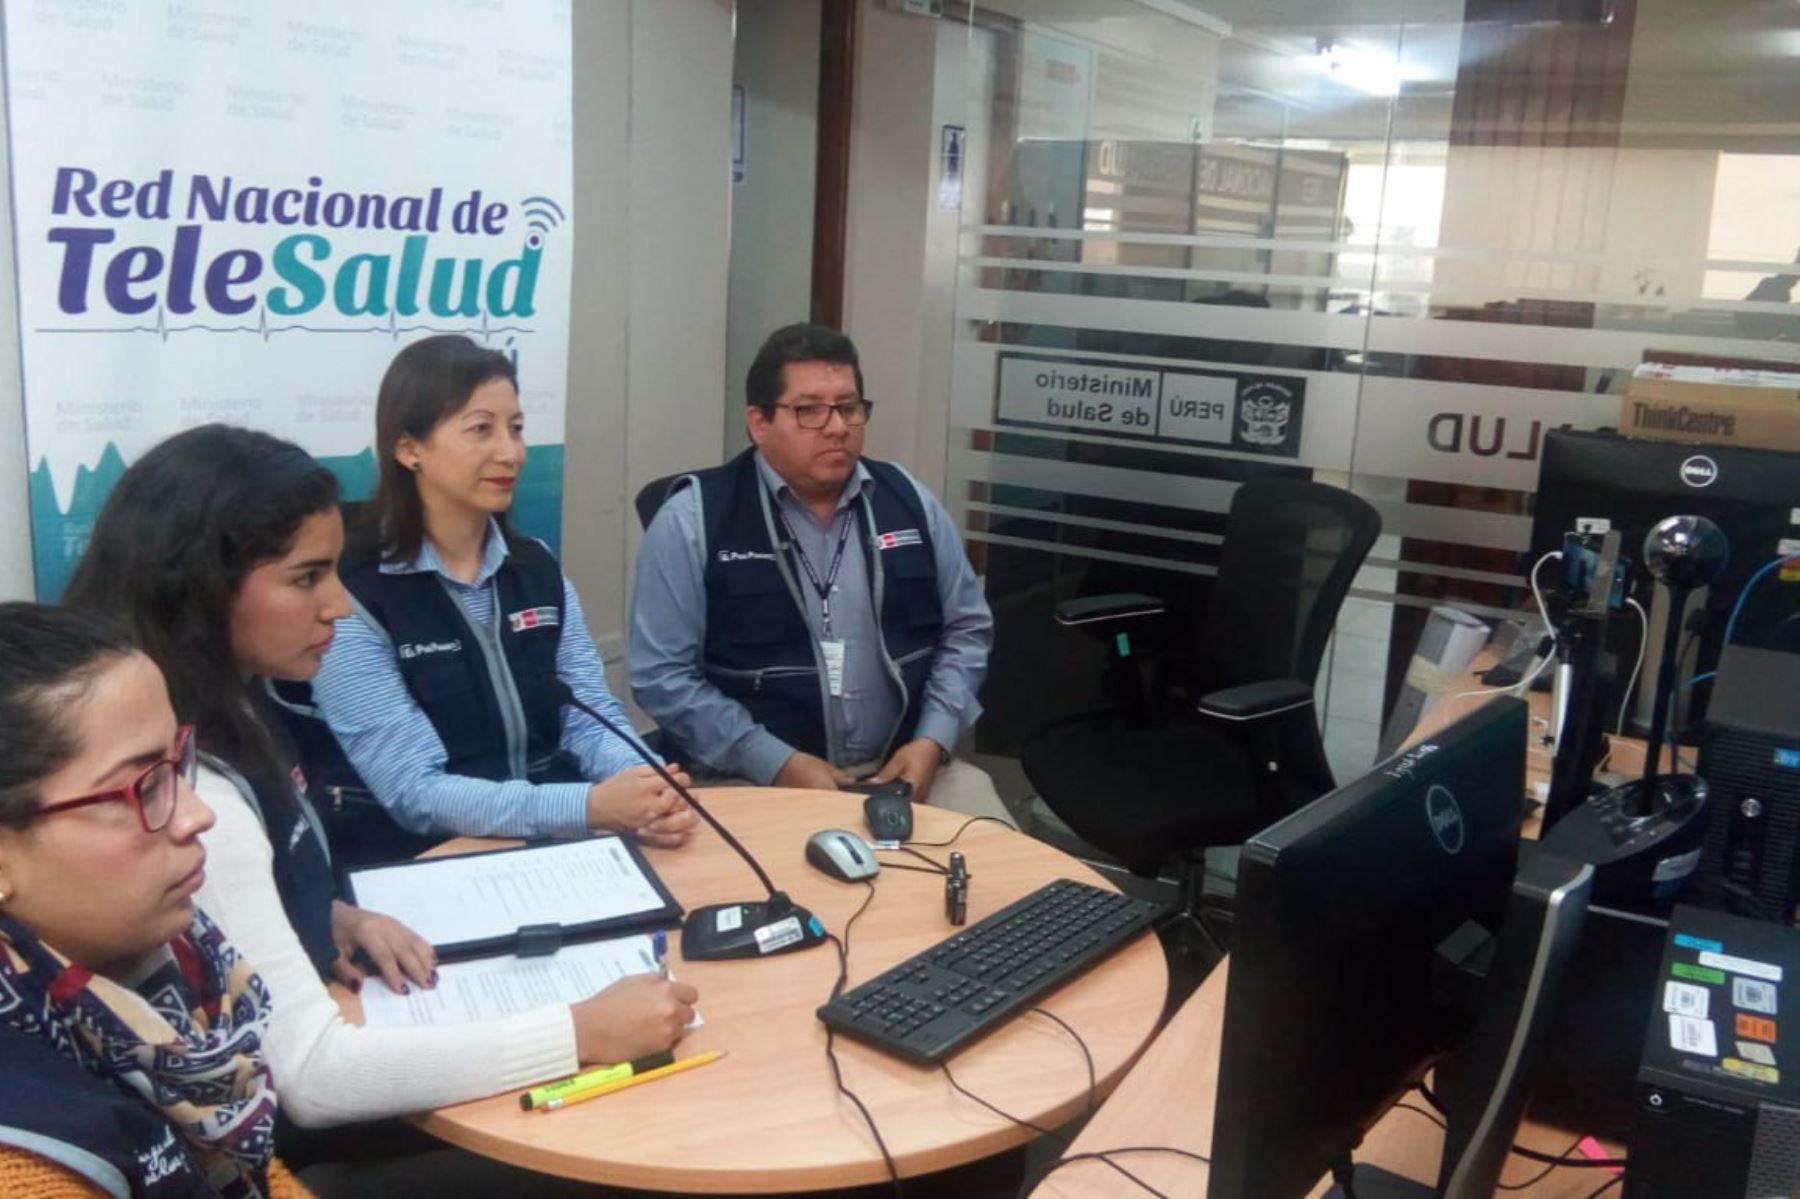 La Red Nacional de Telesalud cuenta con 209 establecimientos de salud a escala nacional, lo que permite mantener interconectado a todo el Perú.